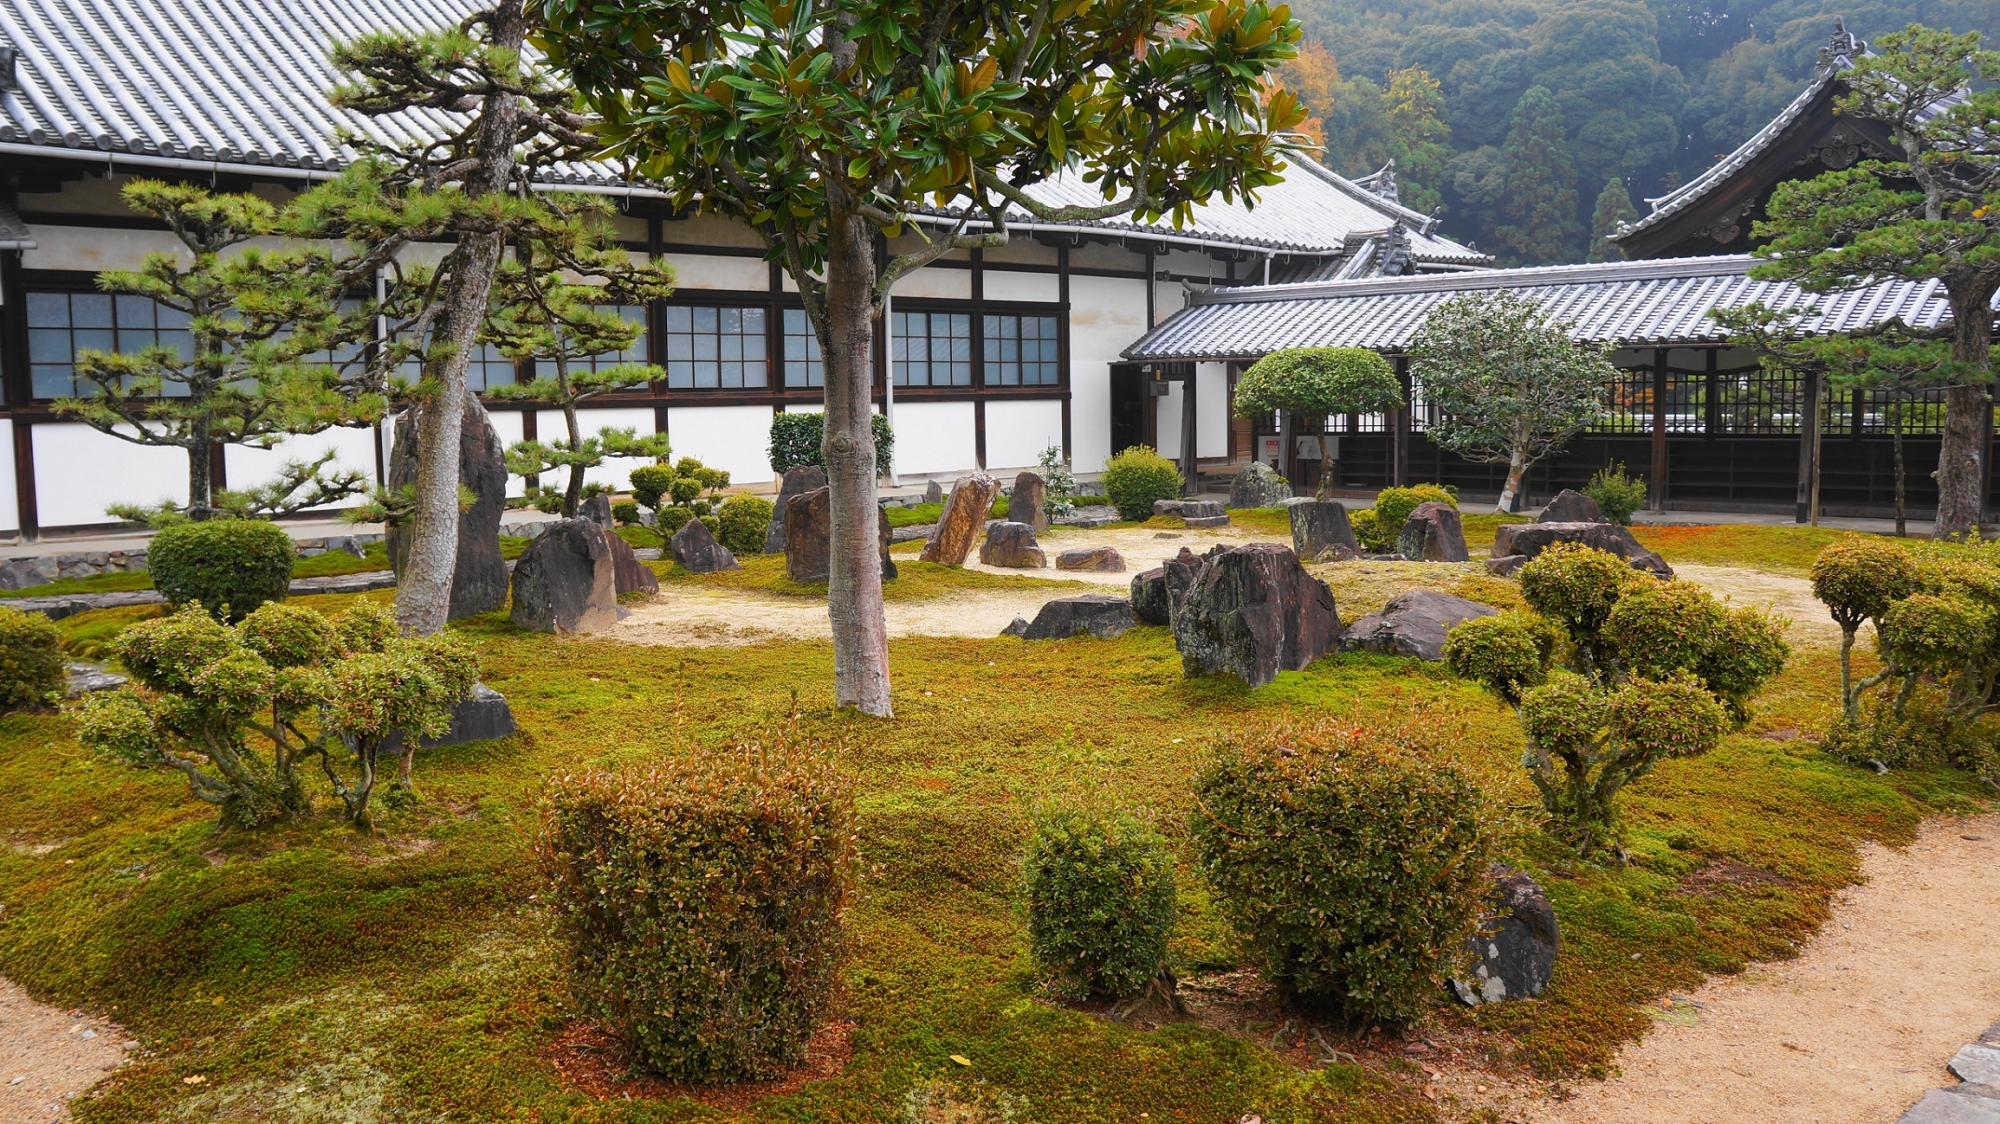 苔に岩や刈り込みが配された落ち着いた雰囲気の興聖寺の境内